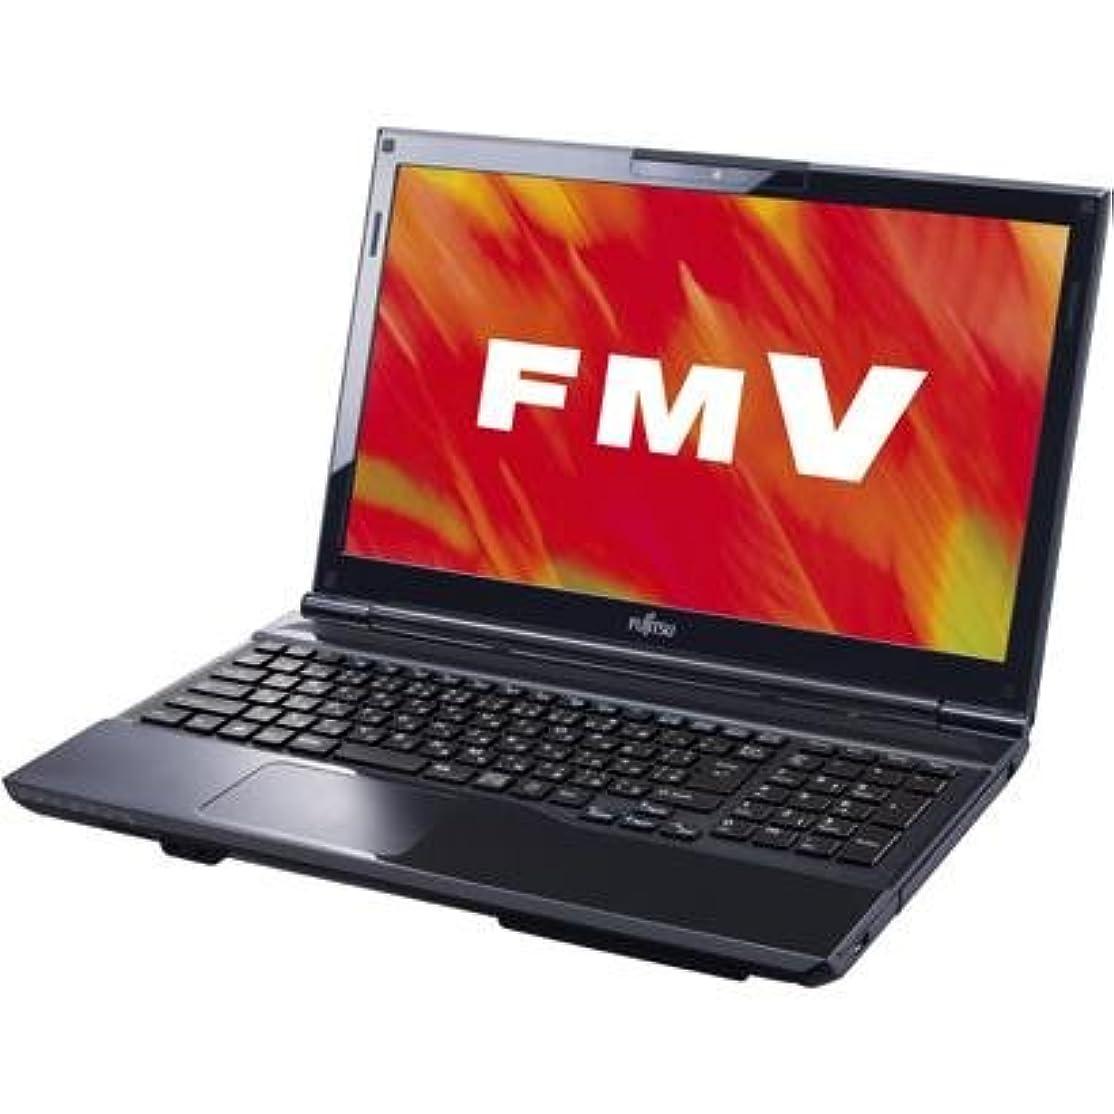 奇妙な神秘的な優勢富士通 FMV LIFEBOOK ノートブック PC AHシリーズ Kingsoft Office 2013 4GB BD 750GB Corei7-3632QM Win8 Home 64bit FMVA47KBC